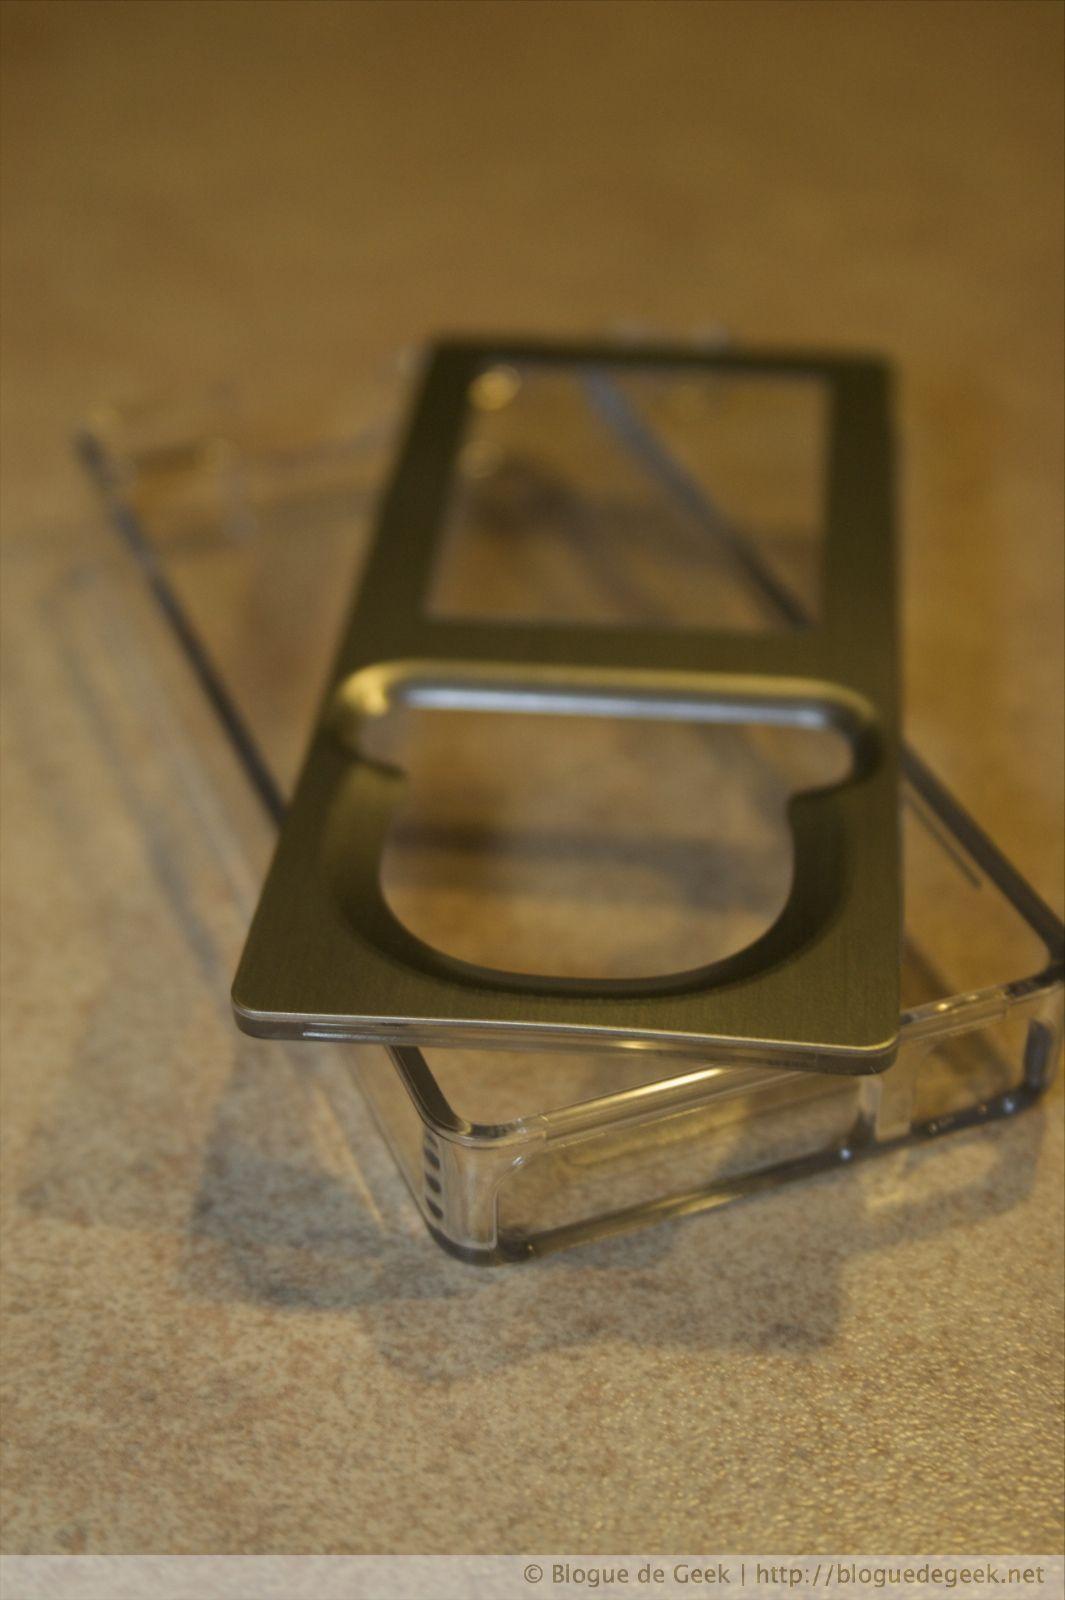 img 26382 - Belkin Remix Metal, étui en acrylique pour le Zune 4/8Go [Évaluation]